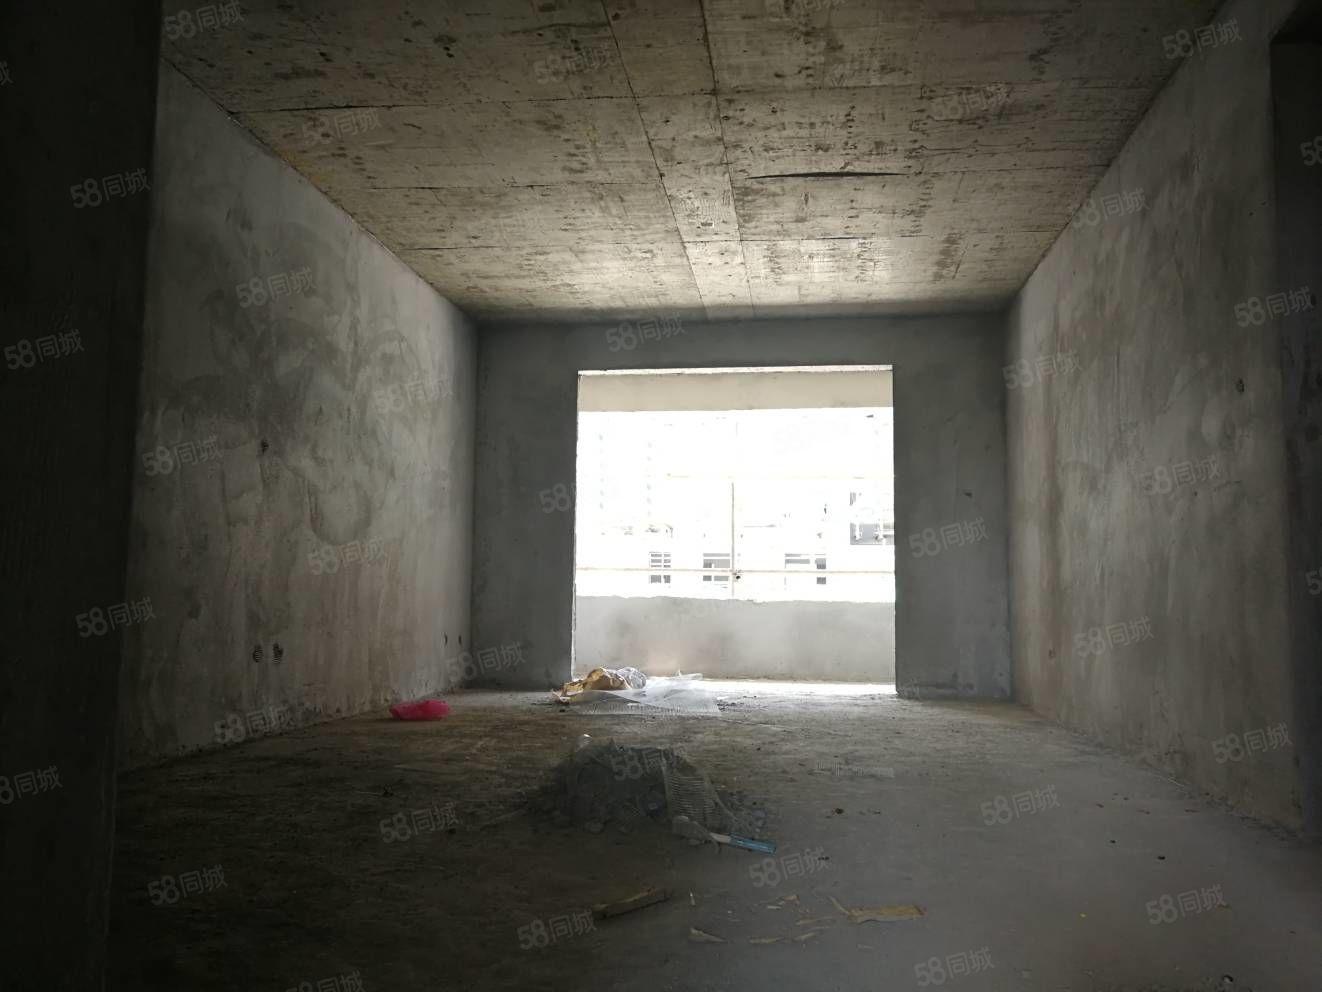 一手免稅房北關稀缺洋房,大三室南北通透全明戶型,采光極佳